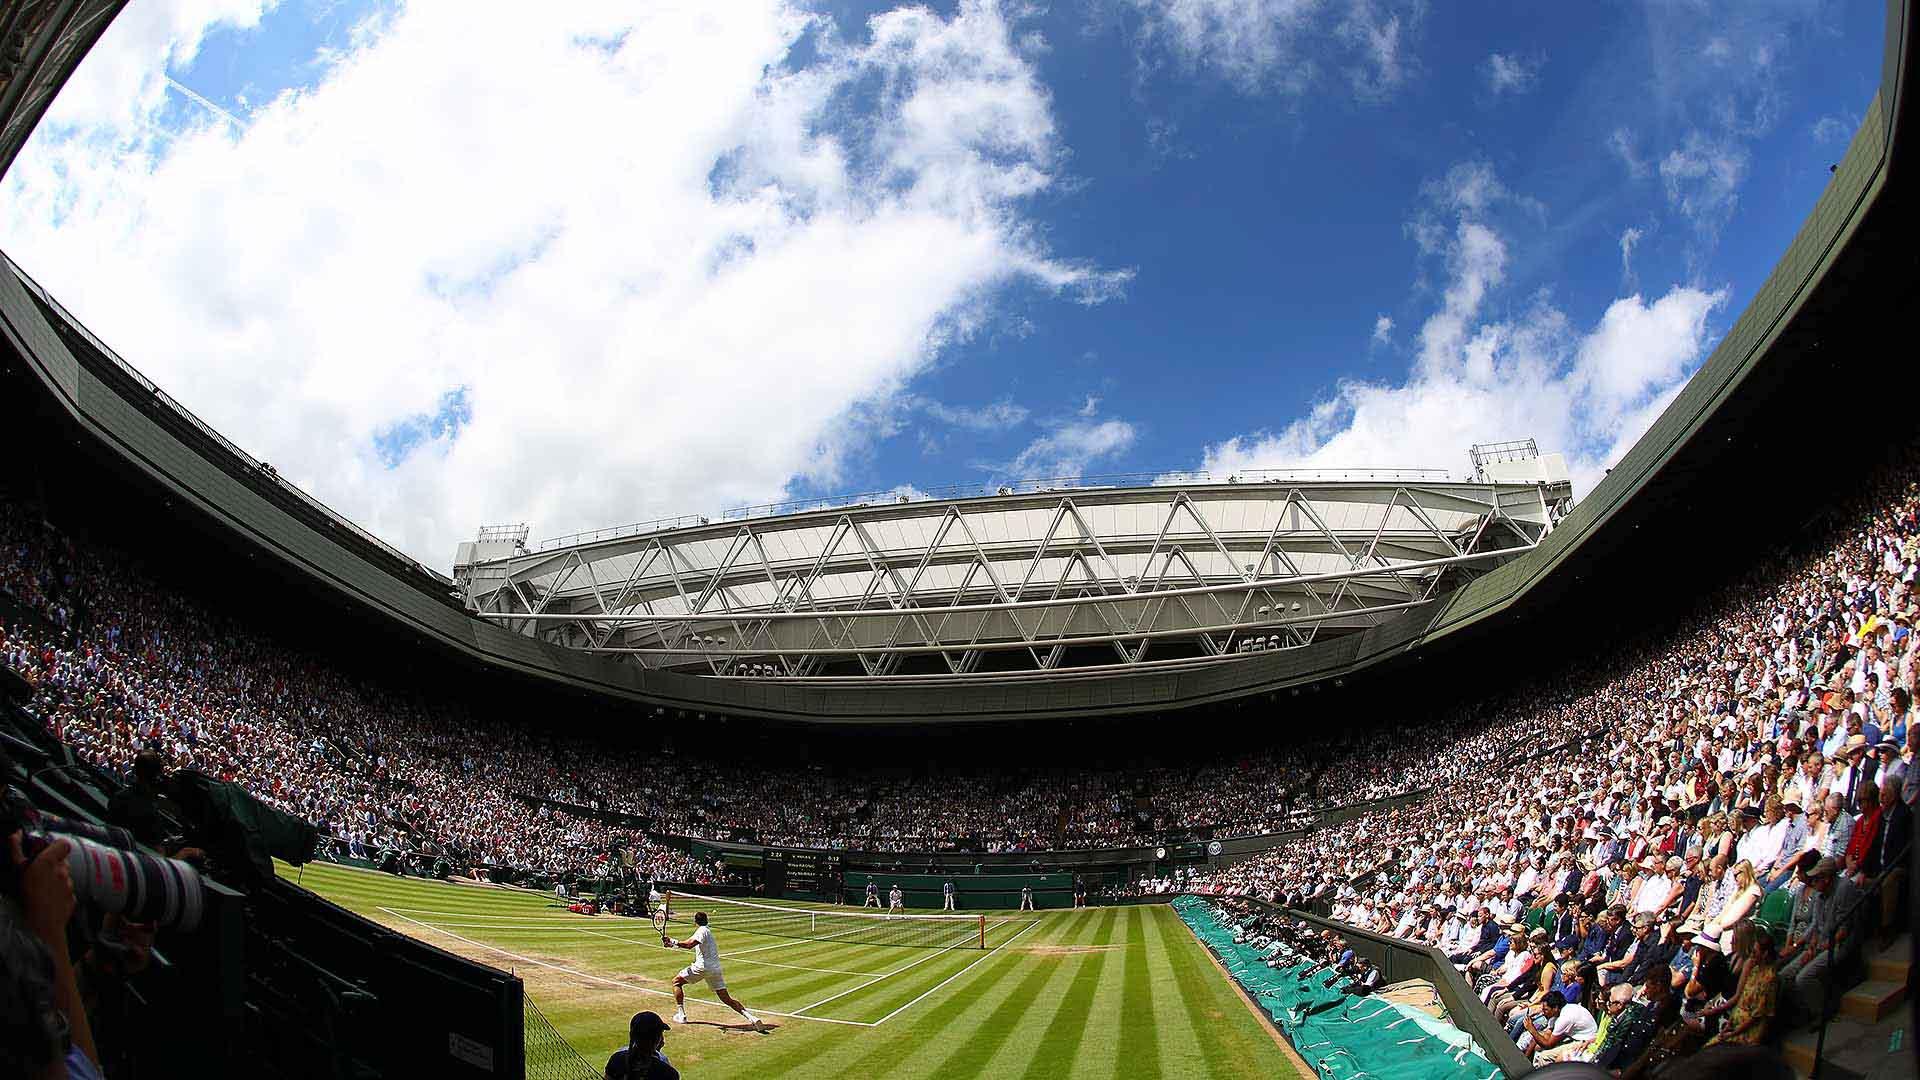 Ćwierćfinały Wimbledonu